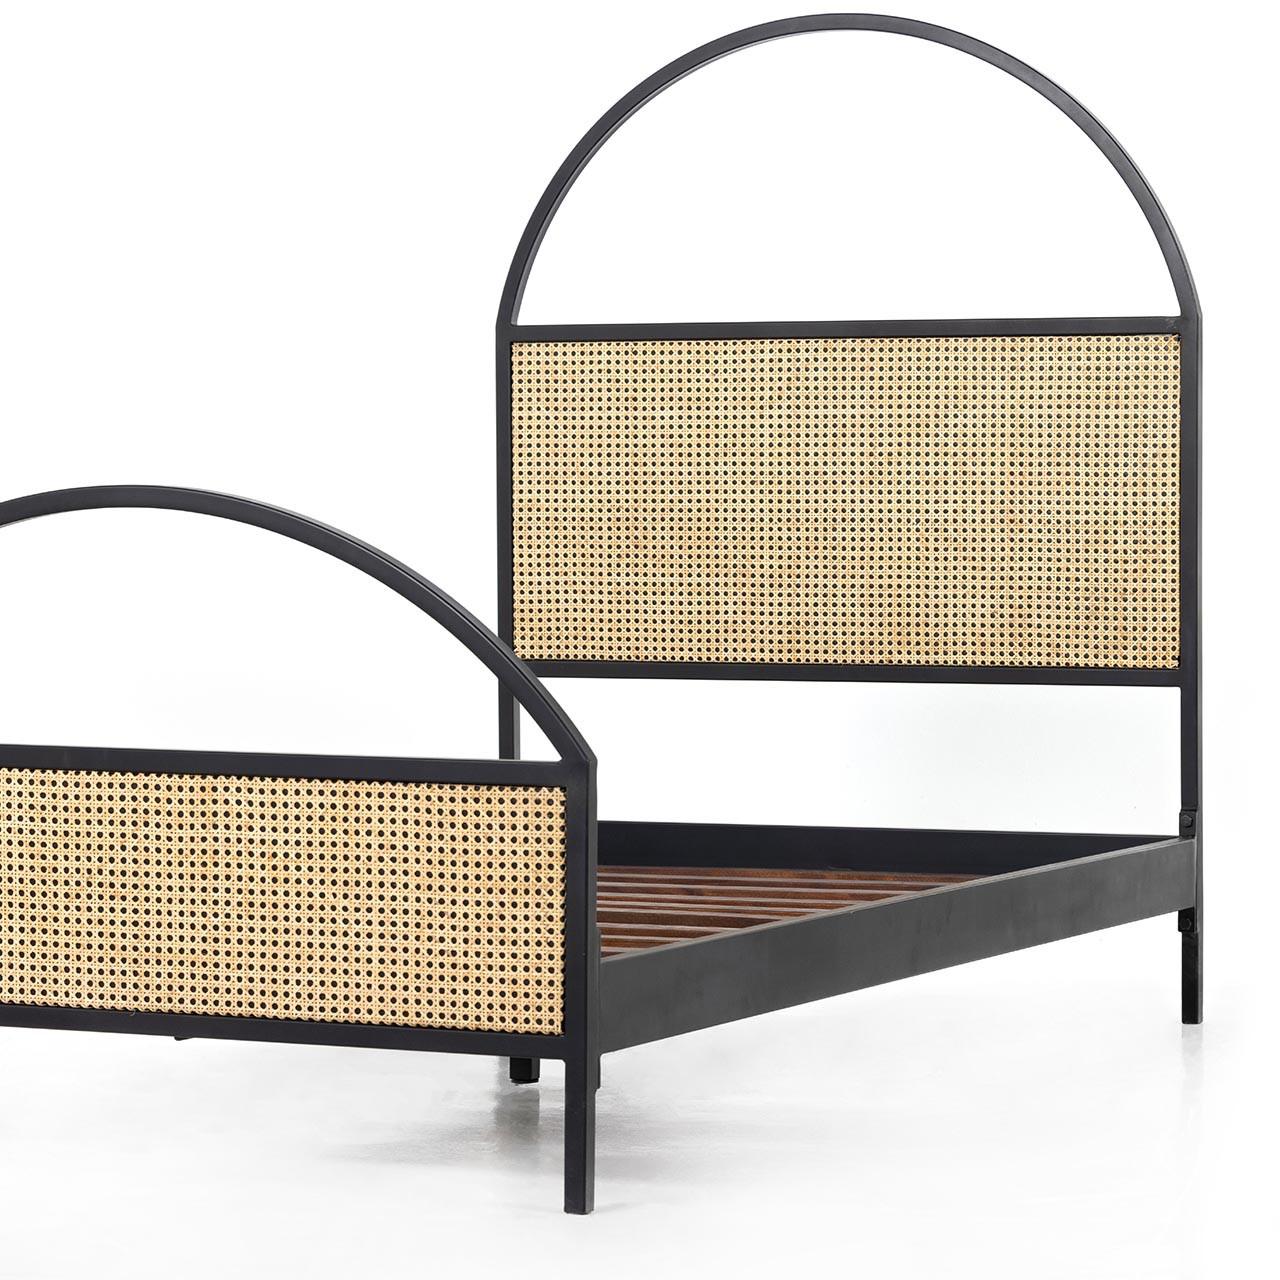 Lewes Cane Iron Bed